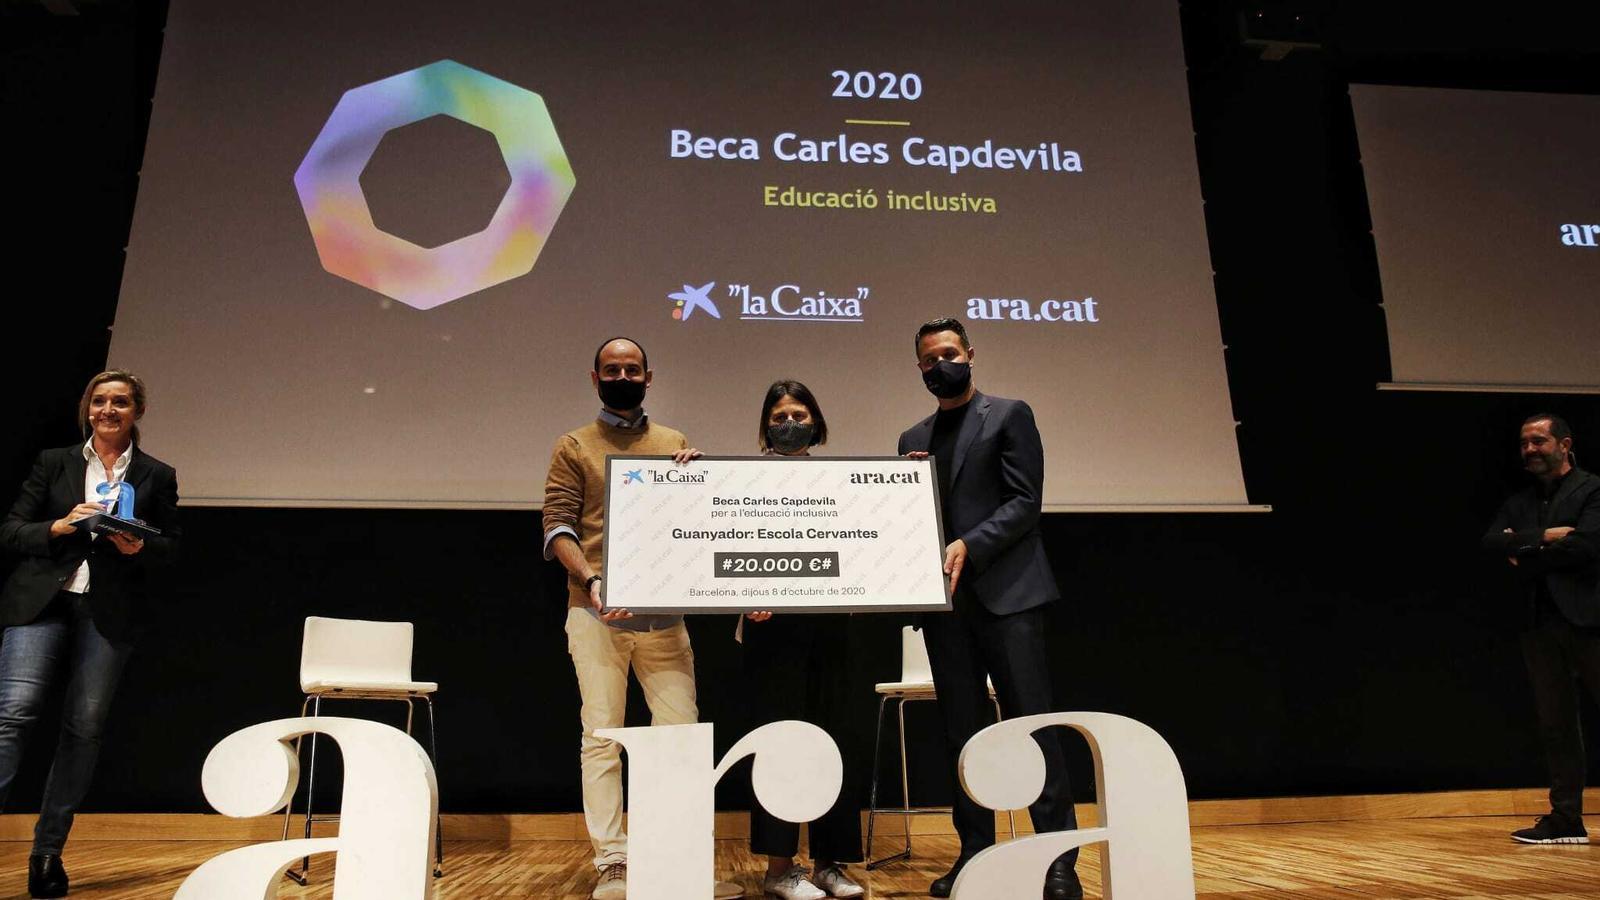 L'escola Cervantes de Barcelona guanya la tercera beca Carles Capdevila